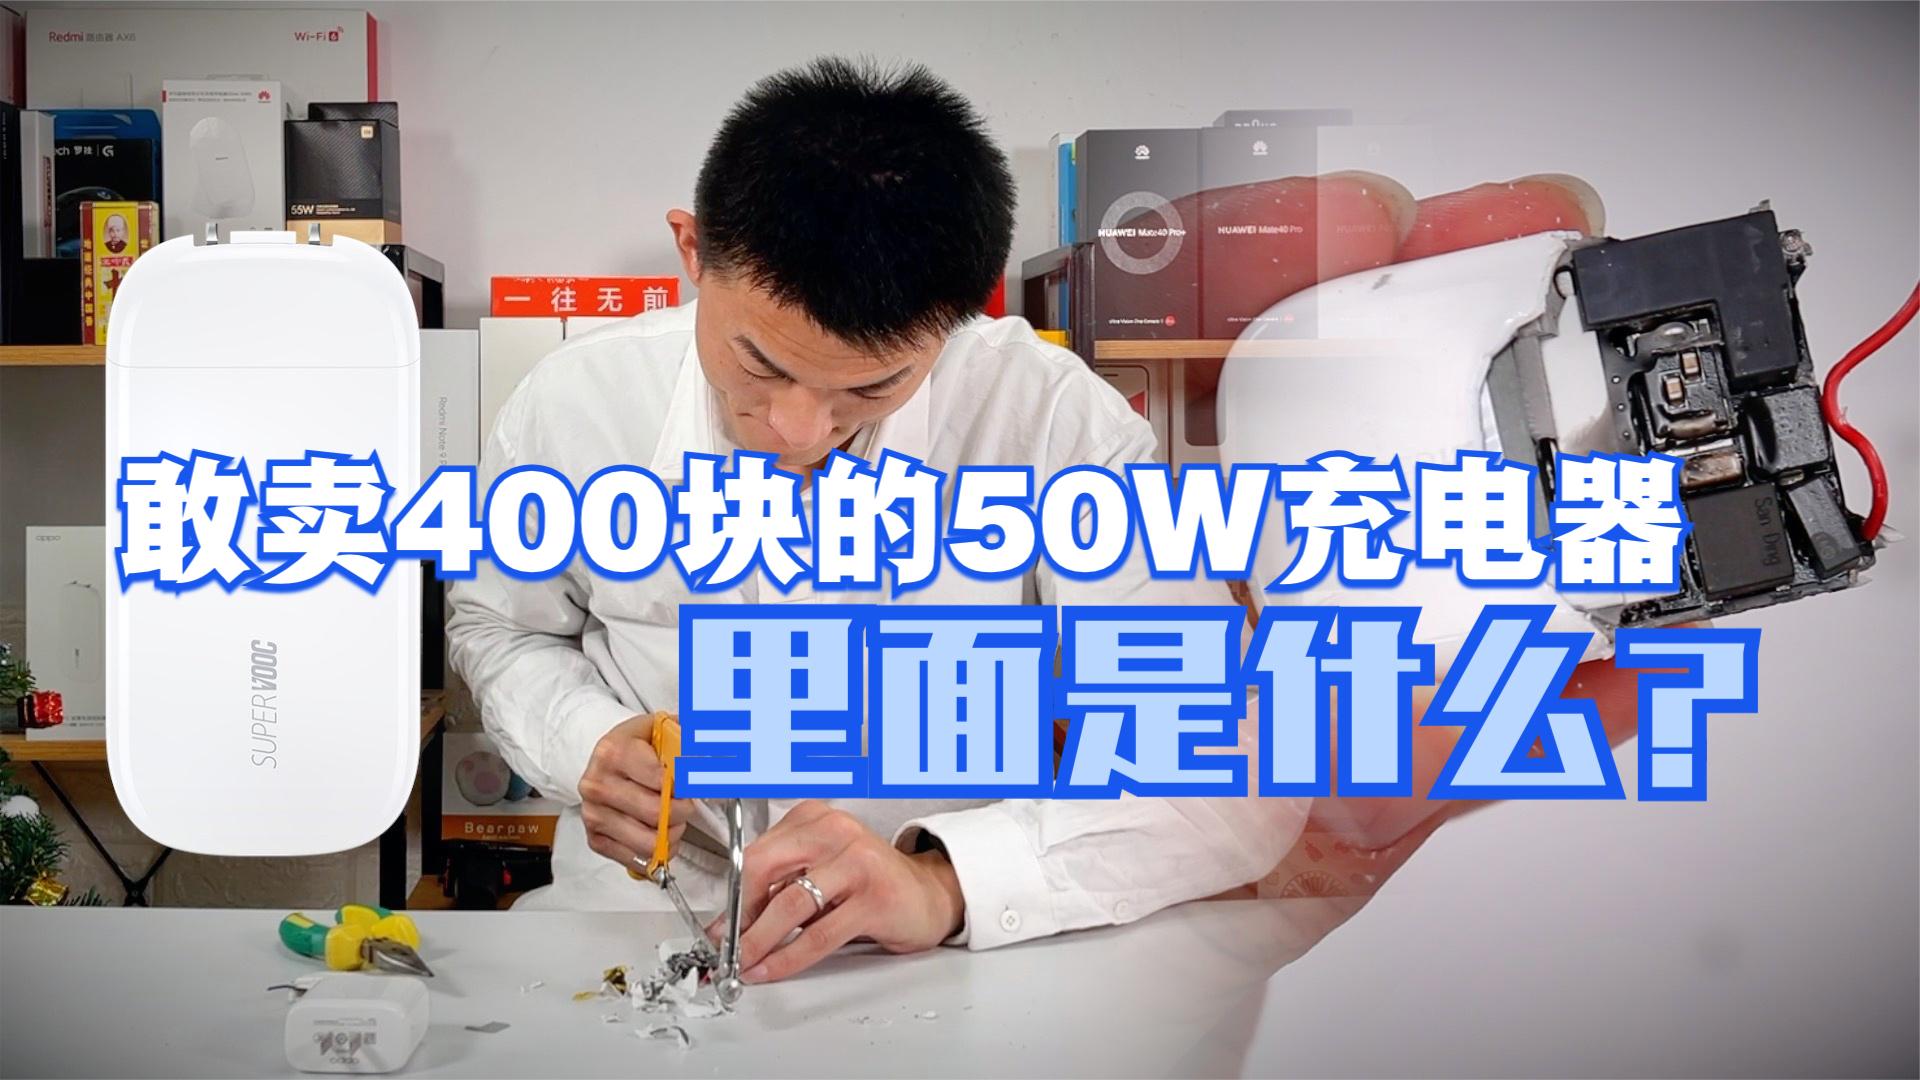 革命黑科技 敢卖400块的OPPO超薄50W充电器里面是什么?详细拆解【新评科技】